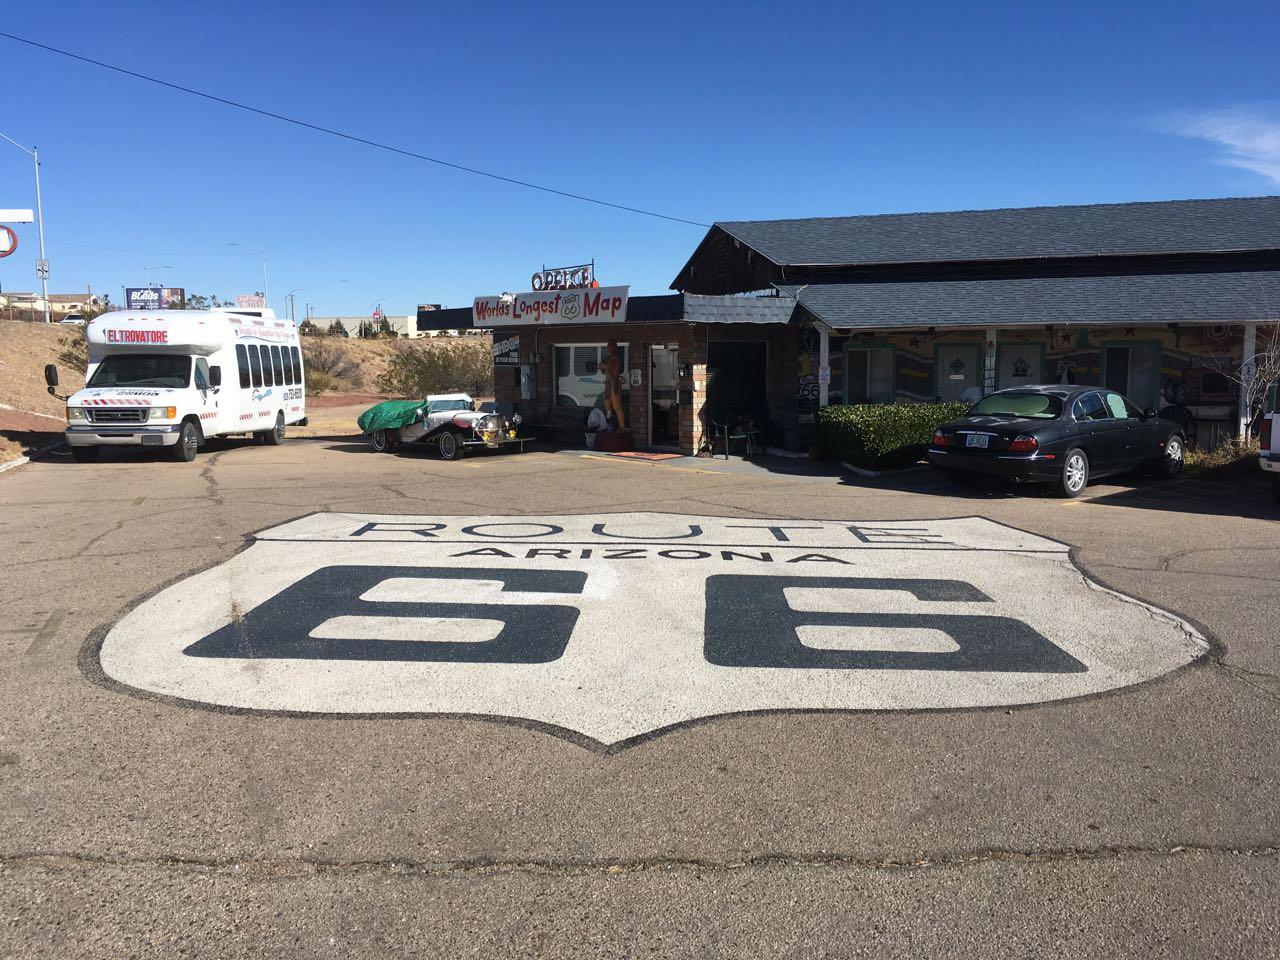 Route 66 in Kingman